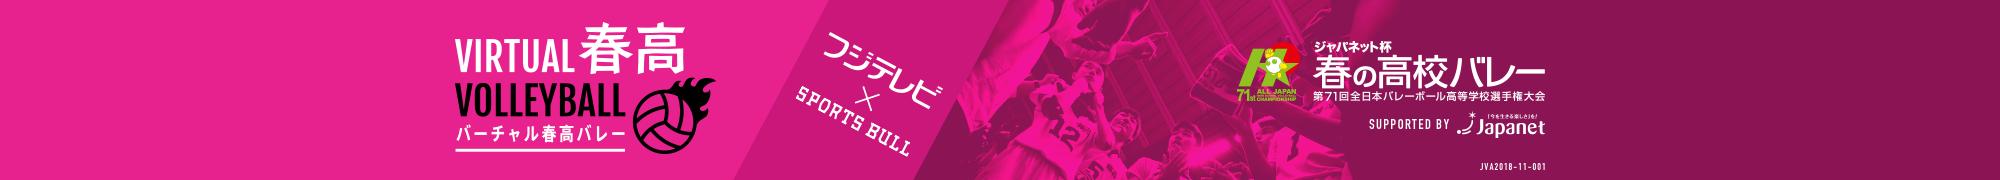 バーチャル春高バレー見るなら、スポーツブル(スポブル)で!バーチャル春高バレーでは、第71回春高バレー(全日本バレーボール高等学校選手権大会)のライブ映像、ハイライト映像、日程、結果を配信しています。